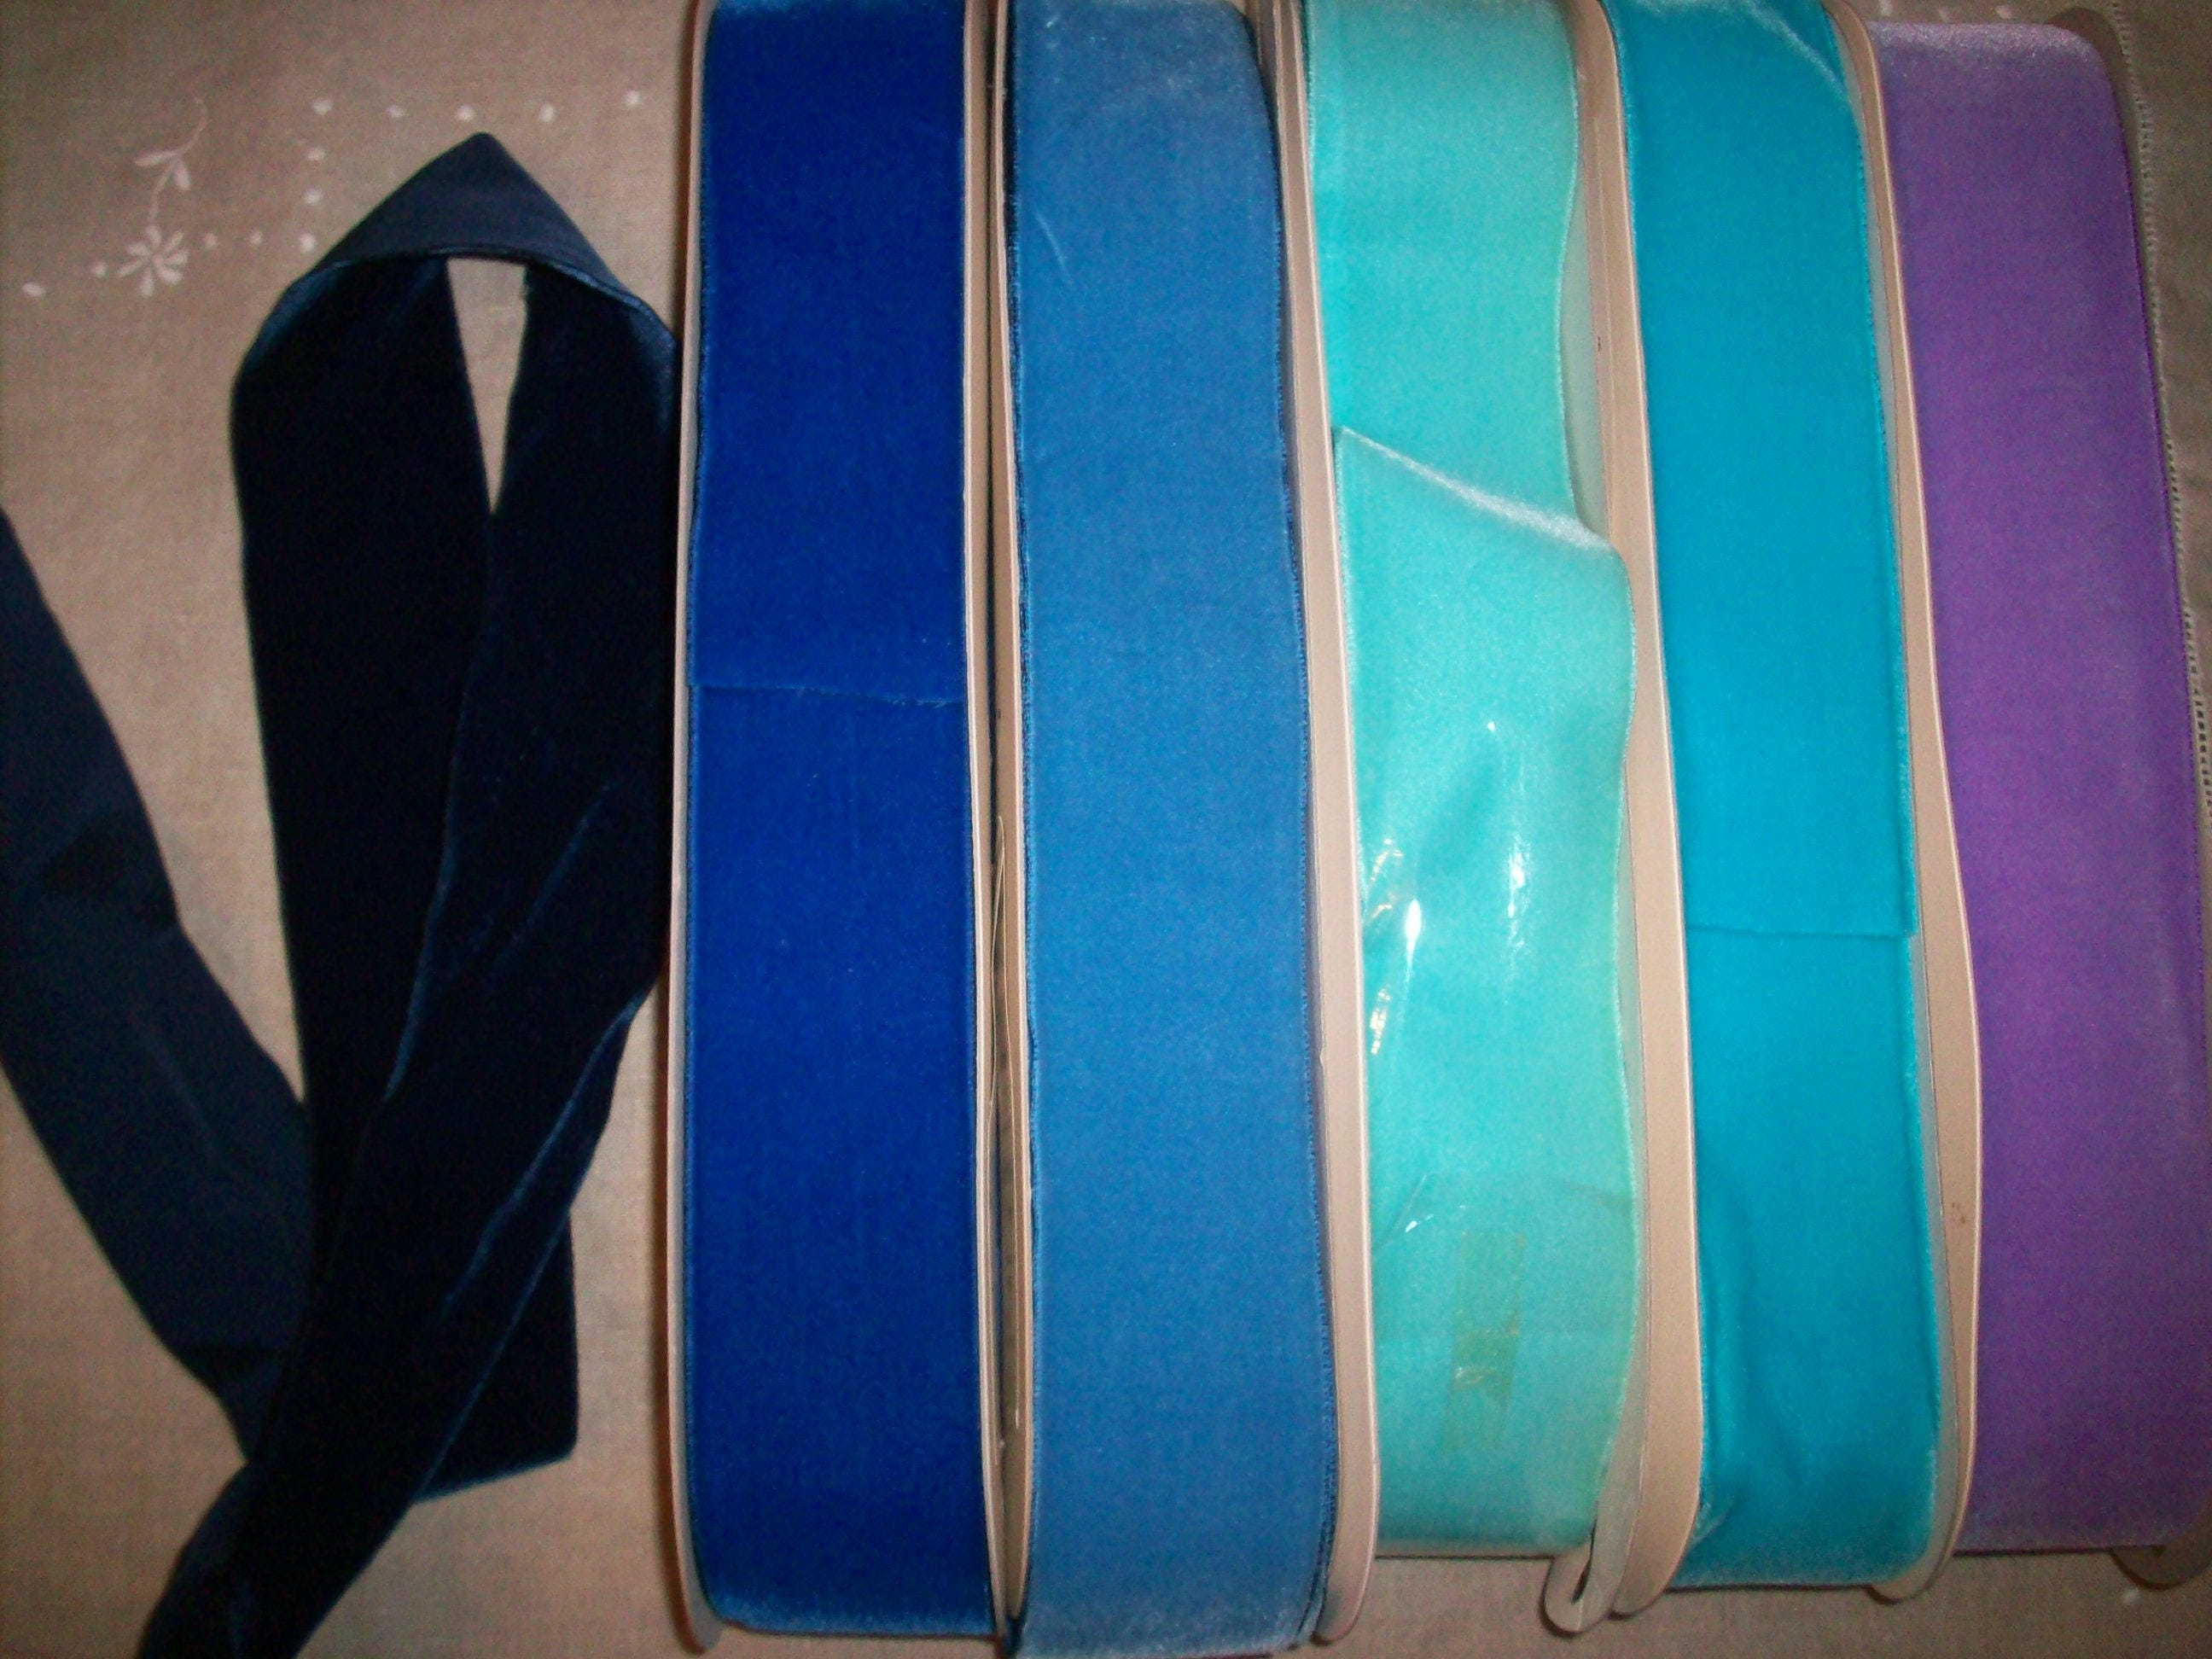 10 taffetas verges. Velours au dos taffetas 10 de nylon et rayonne vintage dans les différents couleurs 2